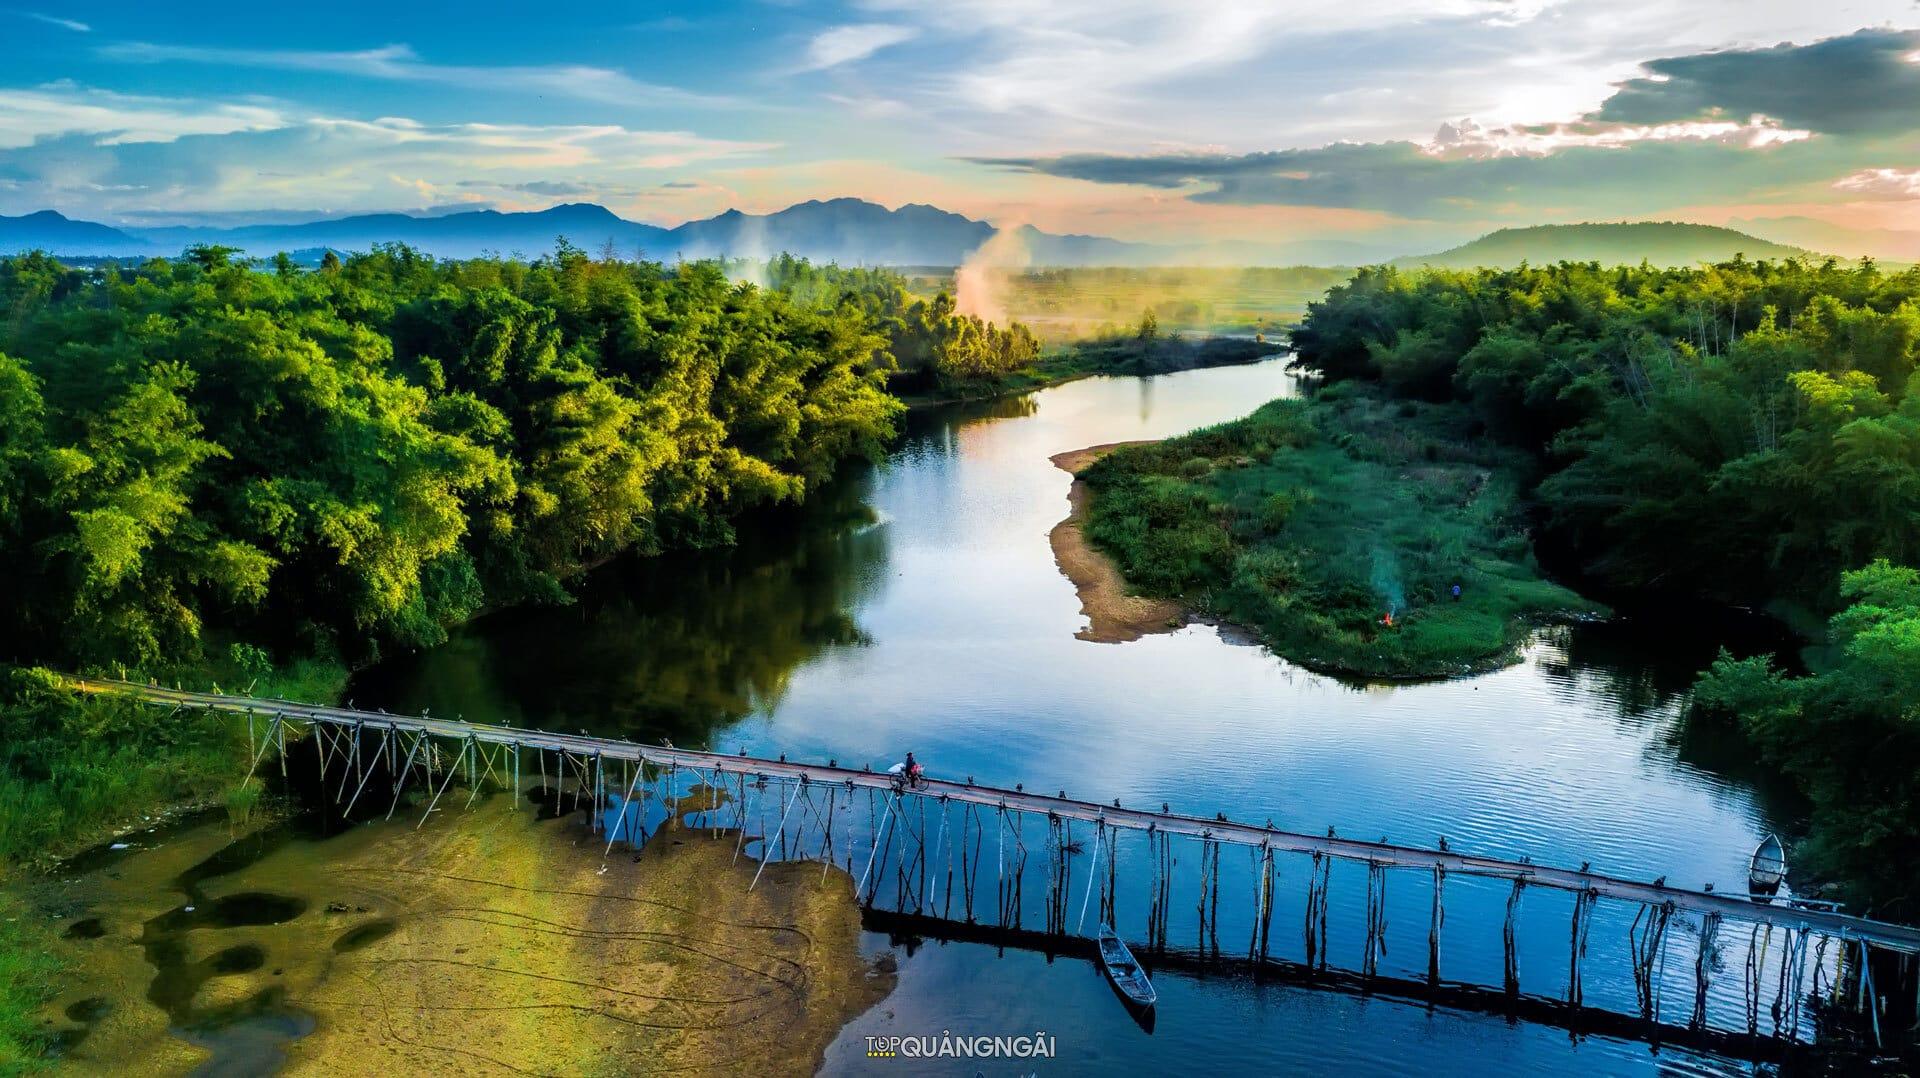 Bộ sưu tập cảnh đẹp Quảng Ngãi nhìn từ trên cao